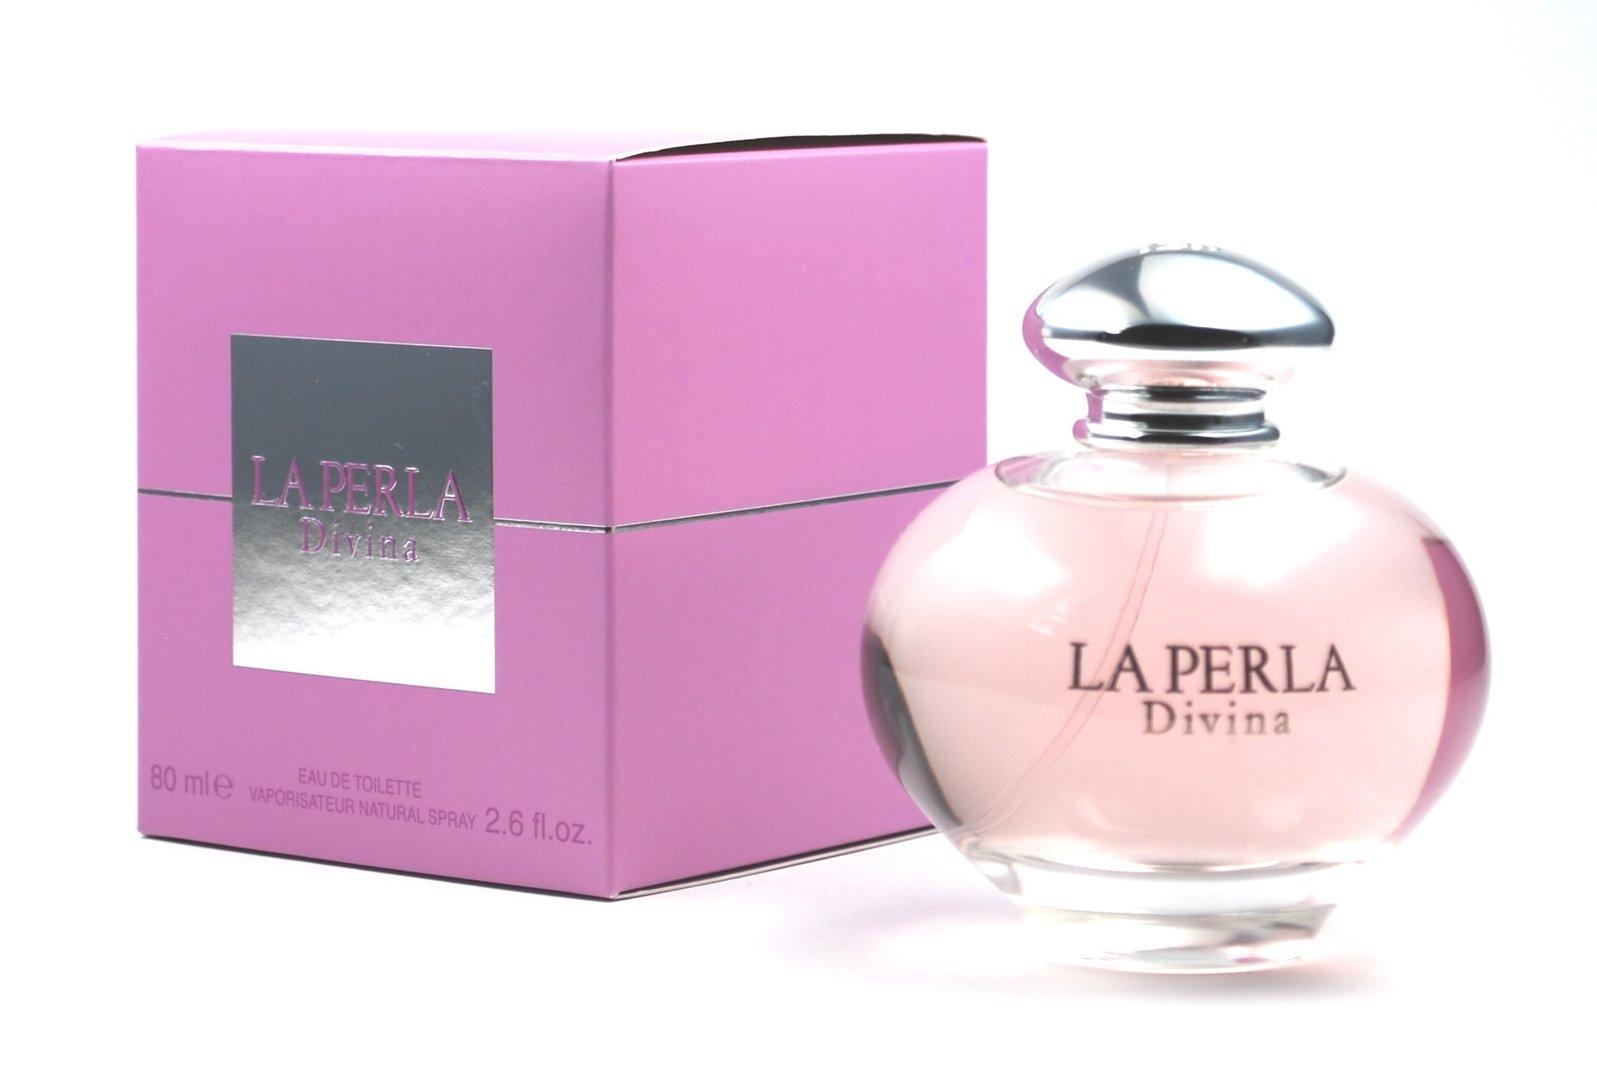 La Perla Divina, Toaletní voda, 80ml, Dámska vôňa, + AKCE: dárek zdarma